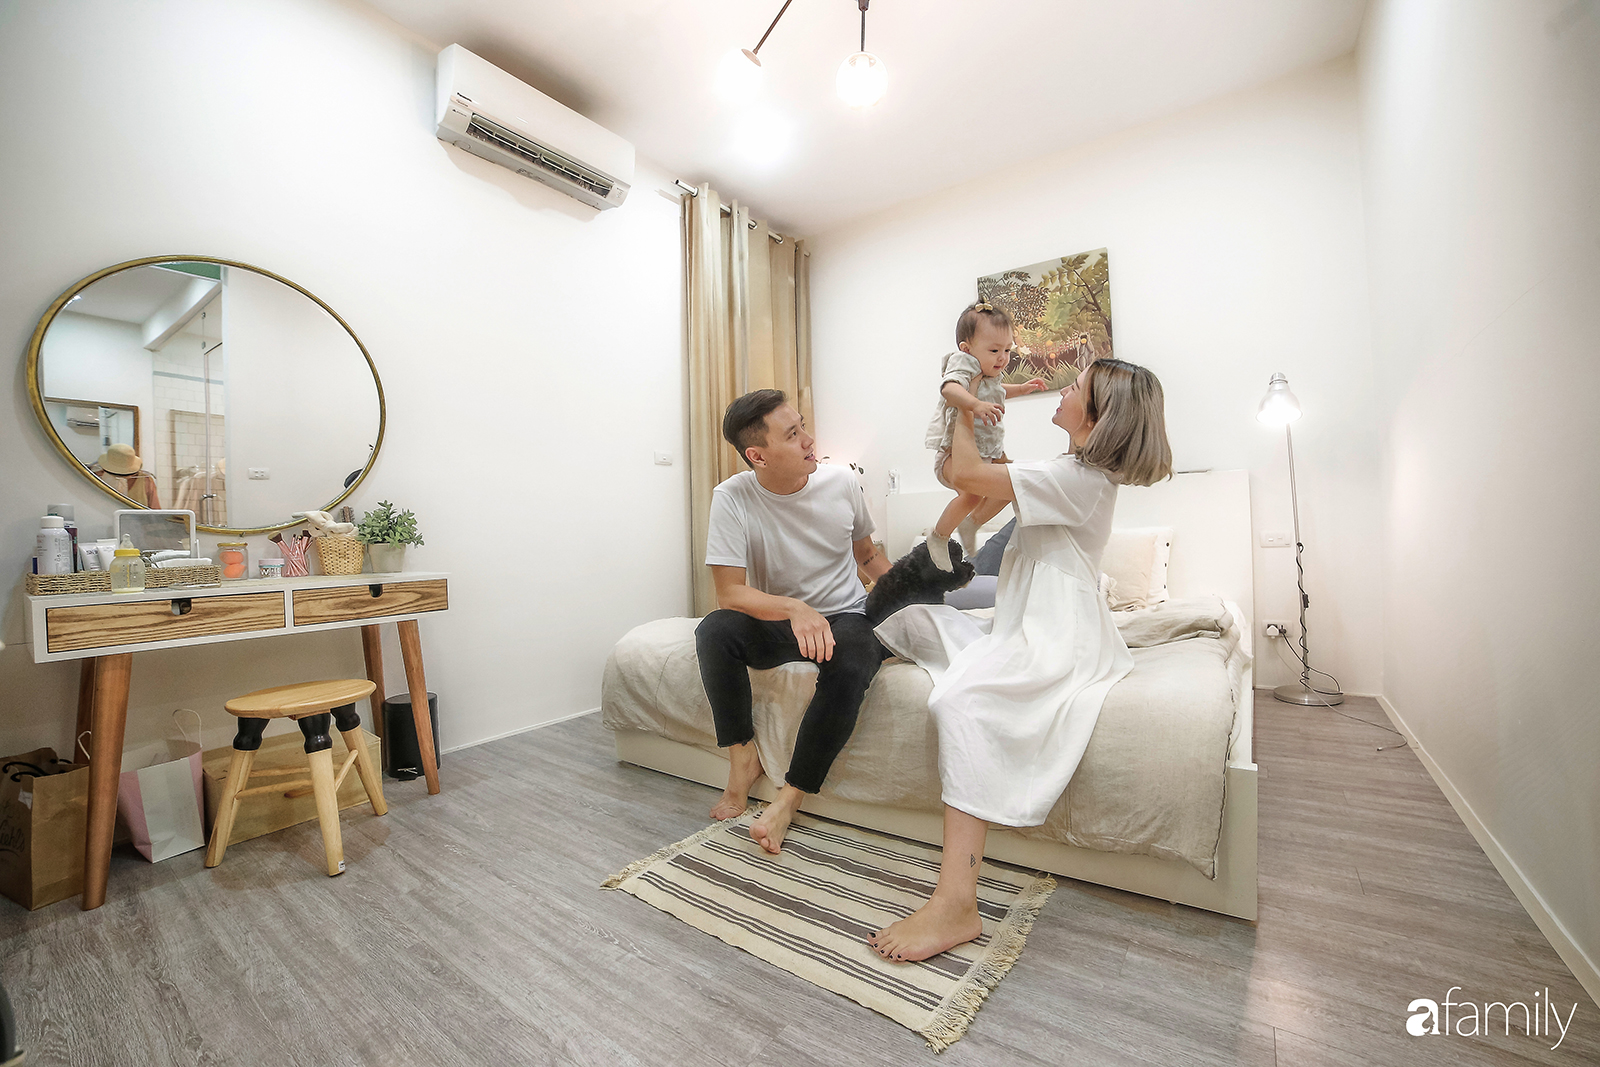 Căn hộ 95m² đẹp tới từng góc nhỏ của cặp vợ chồng hot boy - hot girl 9x nổi tiếng đất Hà Thành - Ảnh 15.